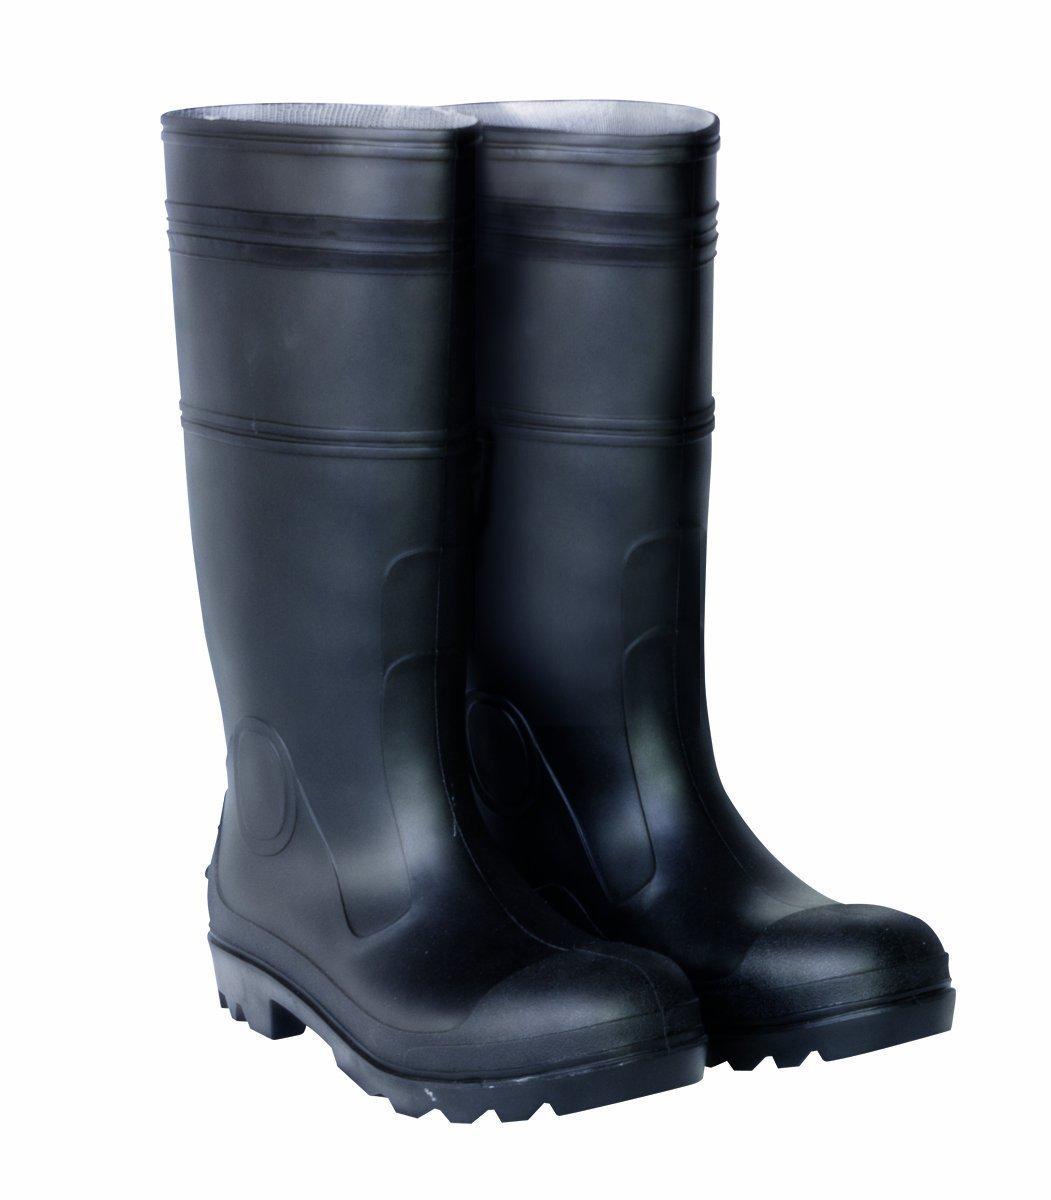 resident-evil-5-boot